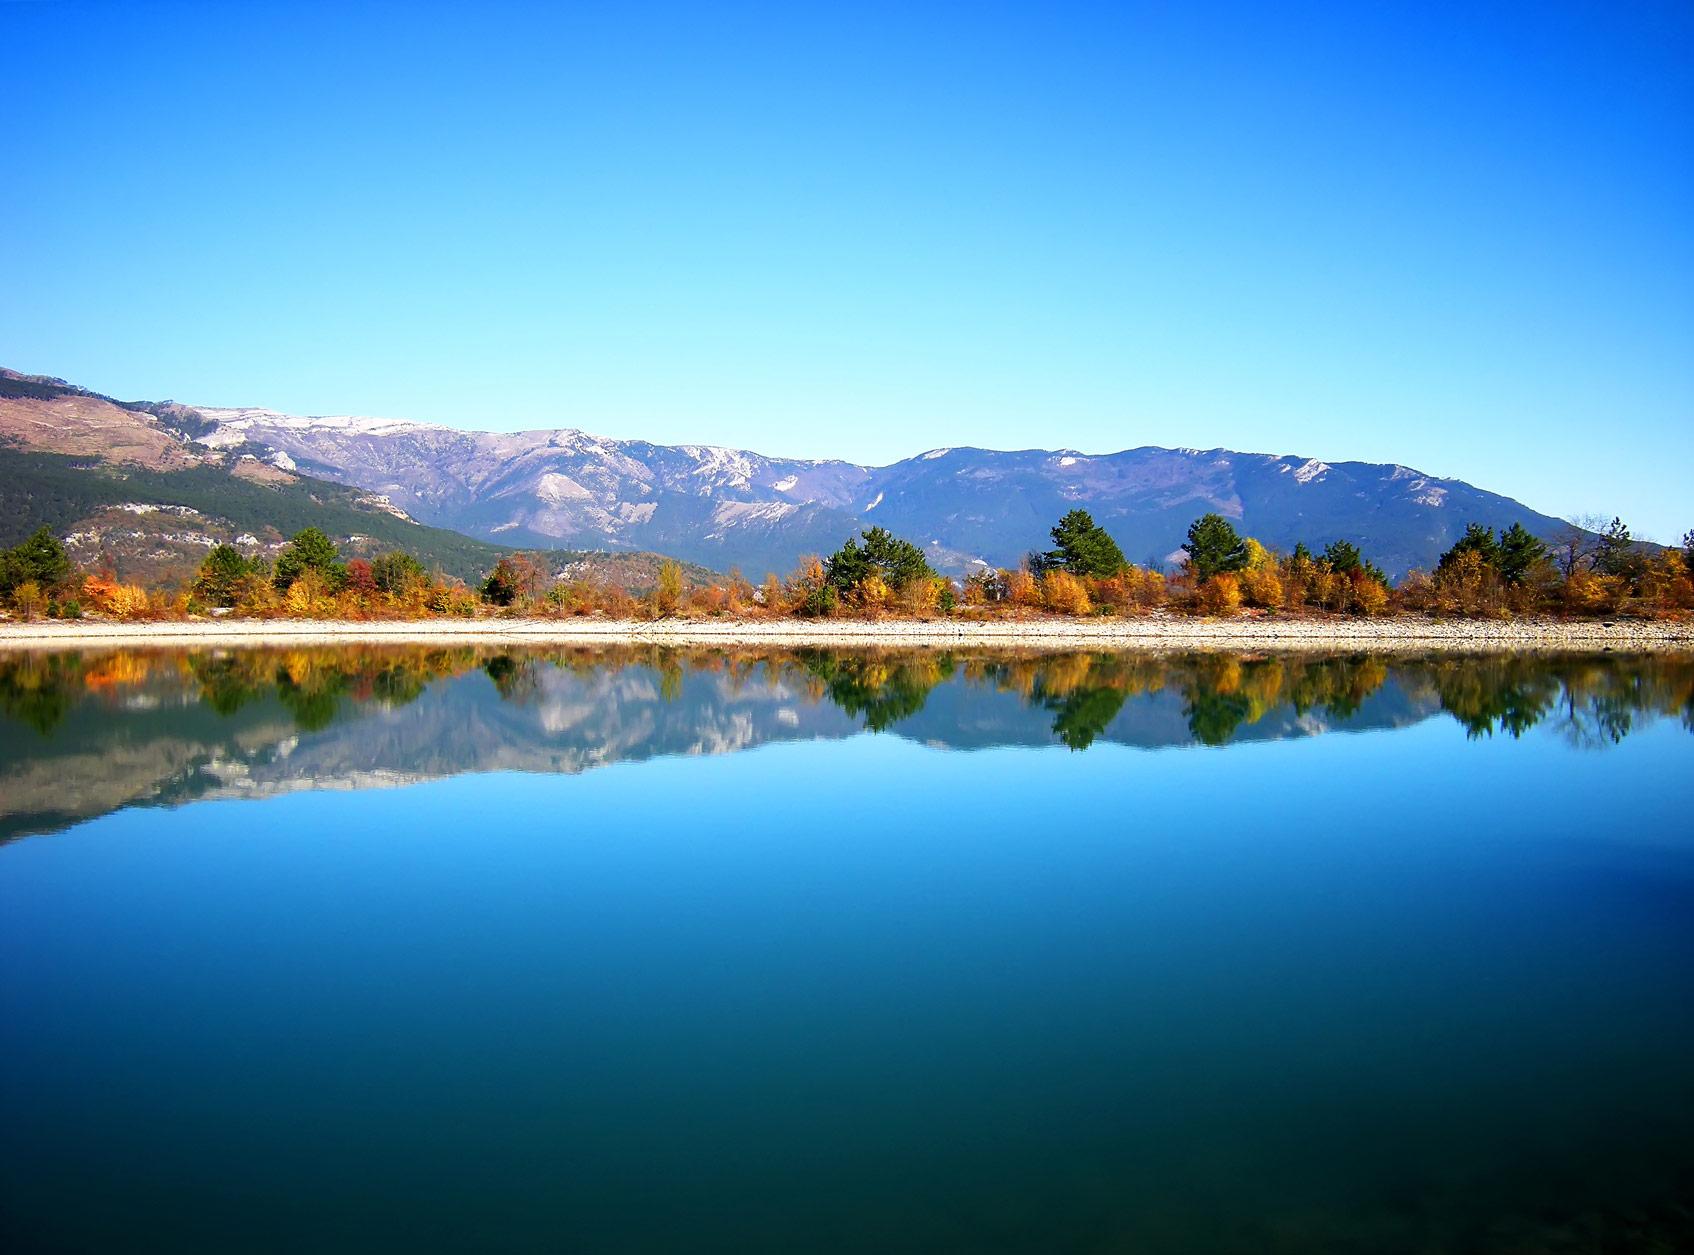 озера магоби крым